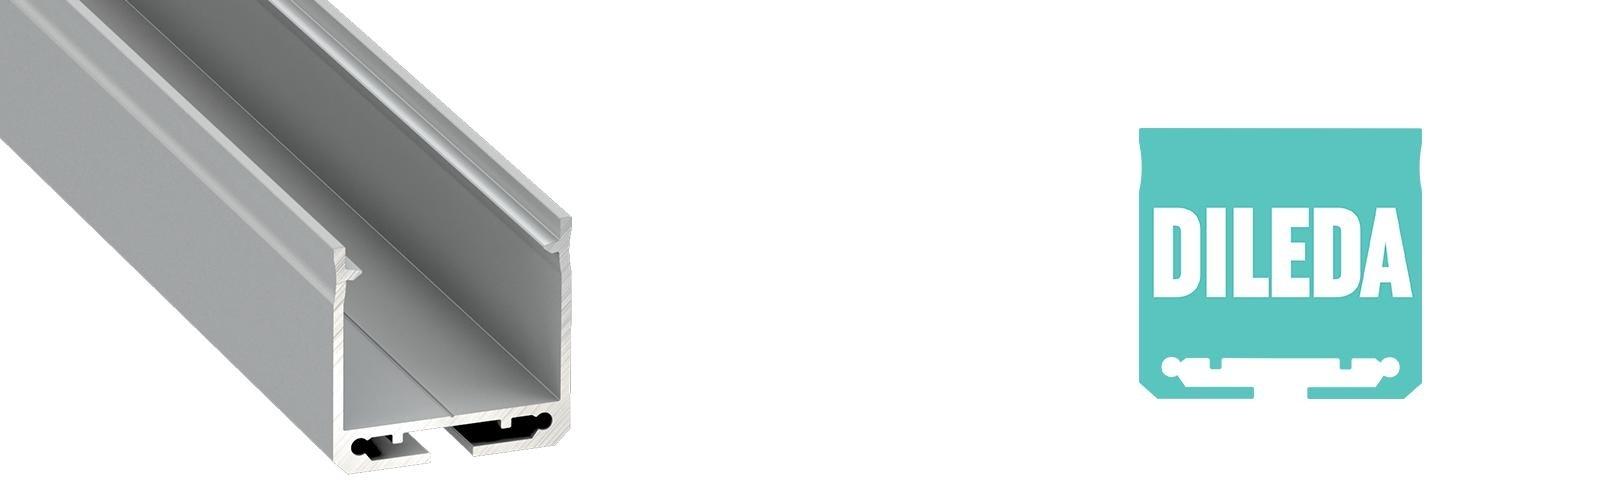 Profil LED natynkowy Dileda